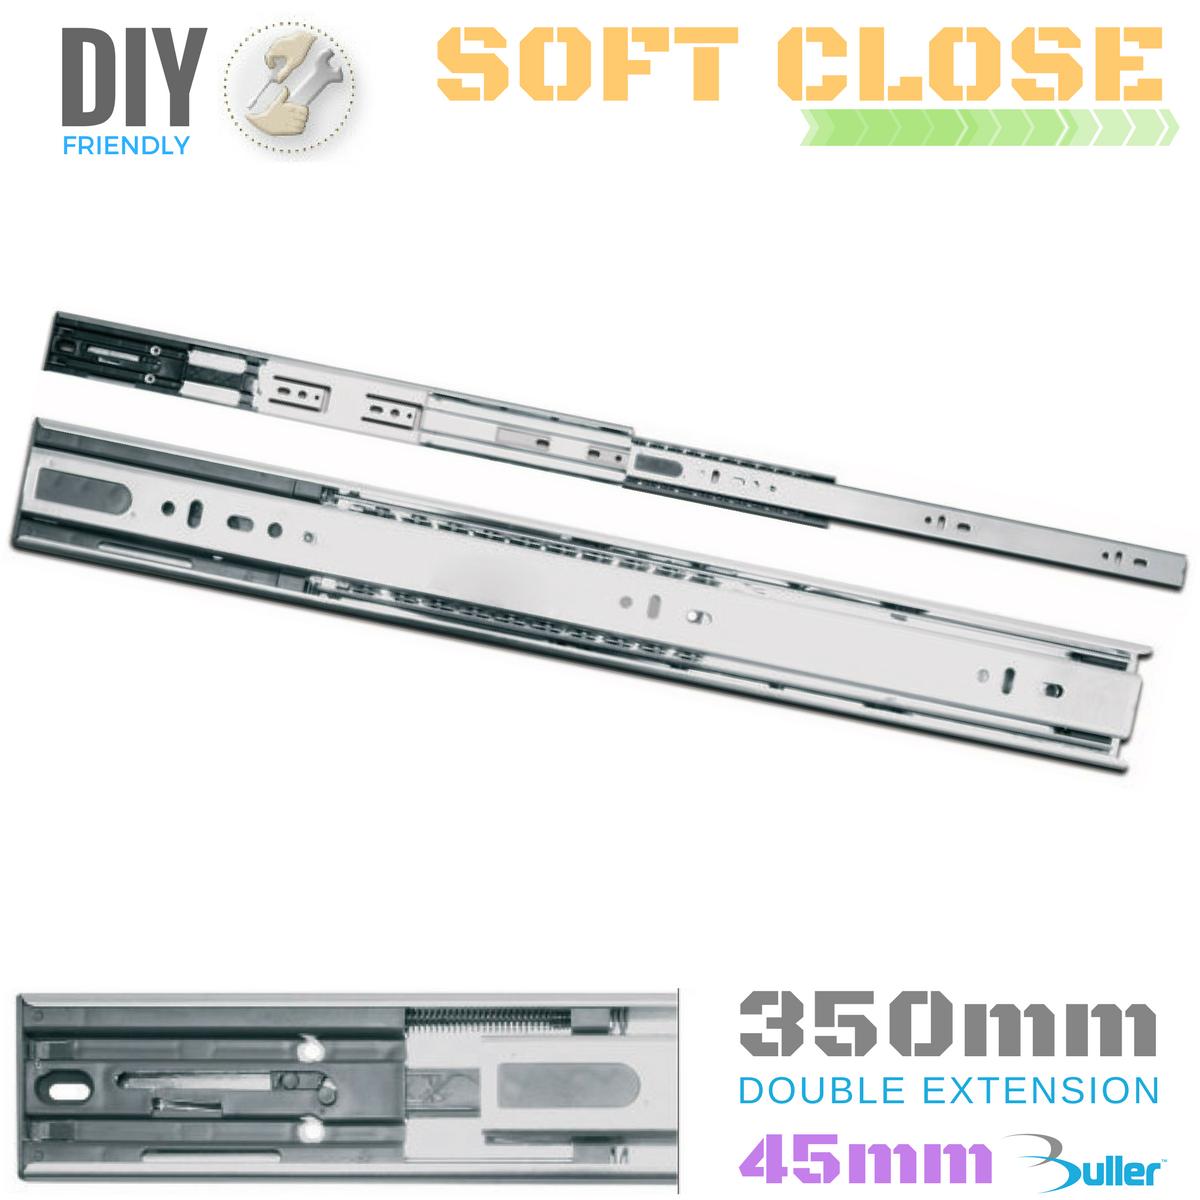 Drawer Runner Slide   Full Extension   30kg   Soft Close   45mm   Größe = 350mm